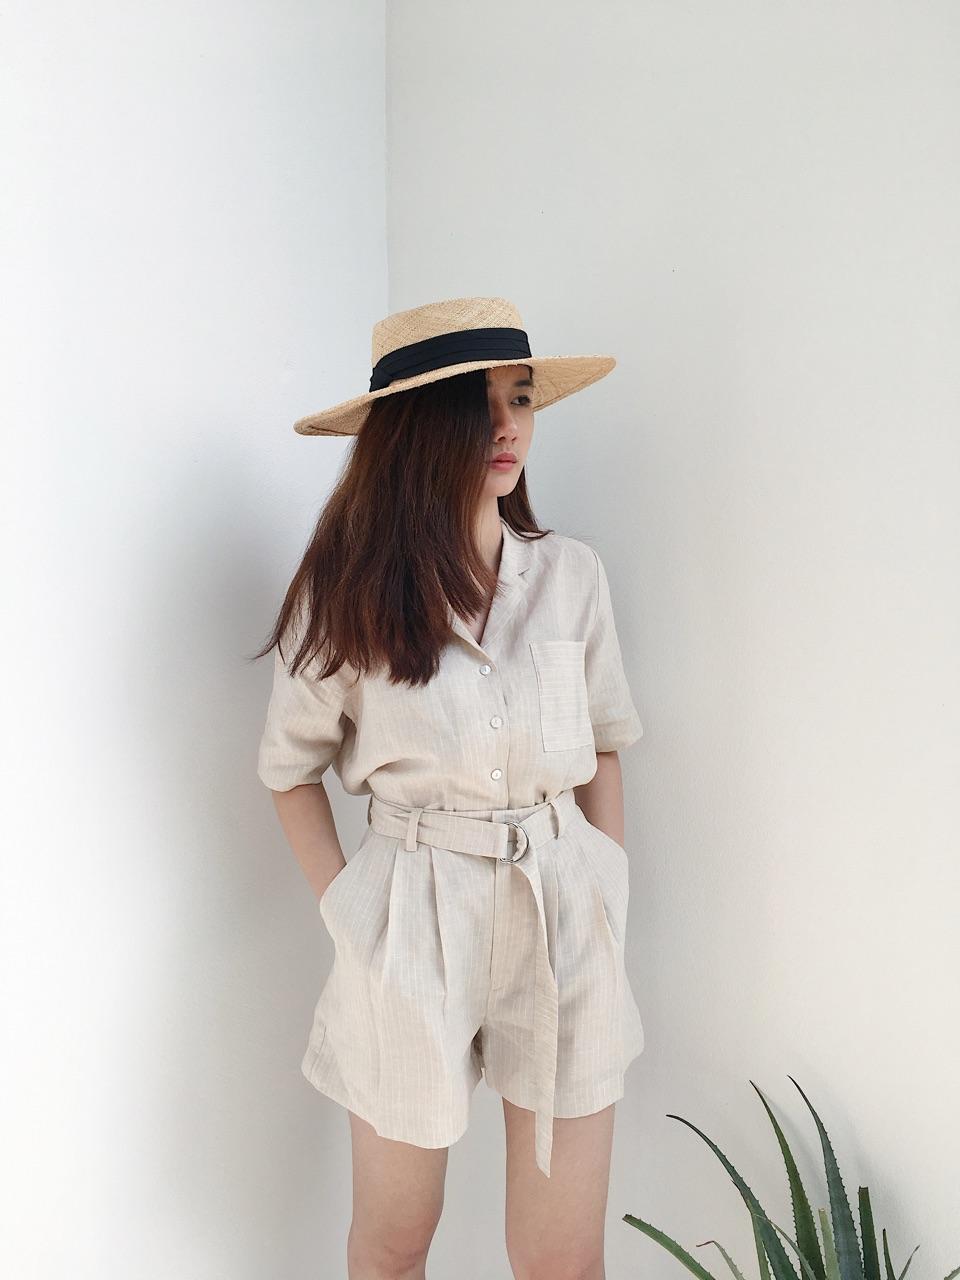 เสื้อเชิ้ต แขนสั้น Linen stripe shirt : 790 THB